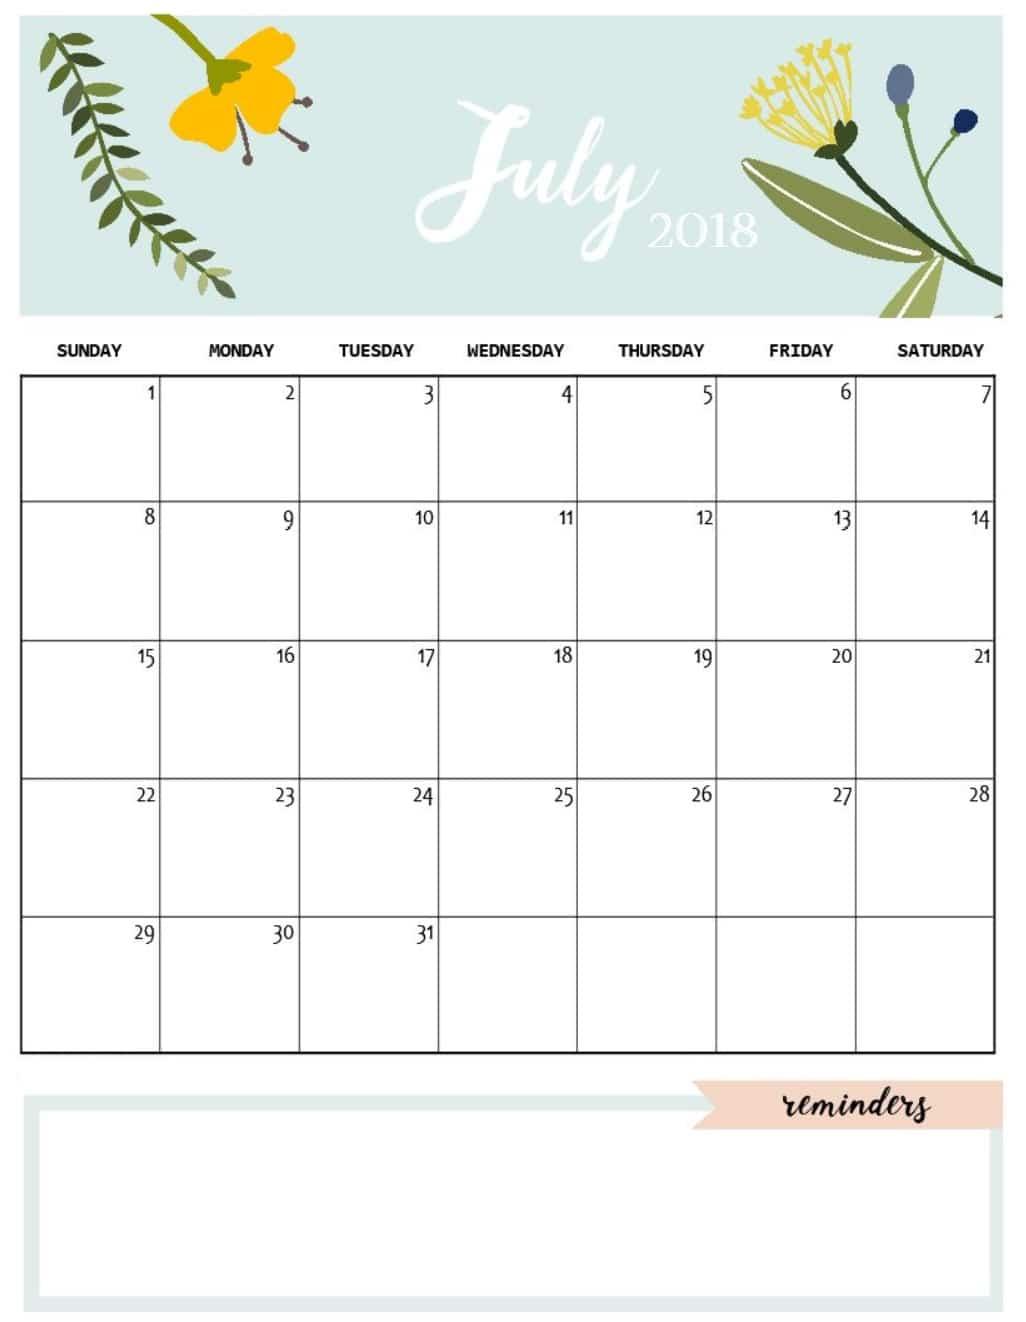 July 2018 Calendar Template